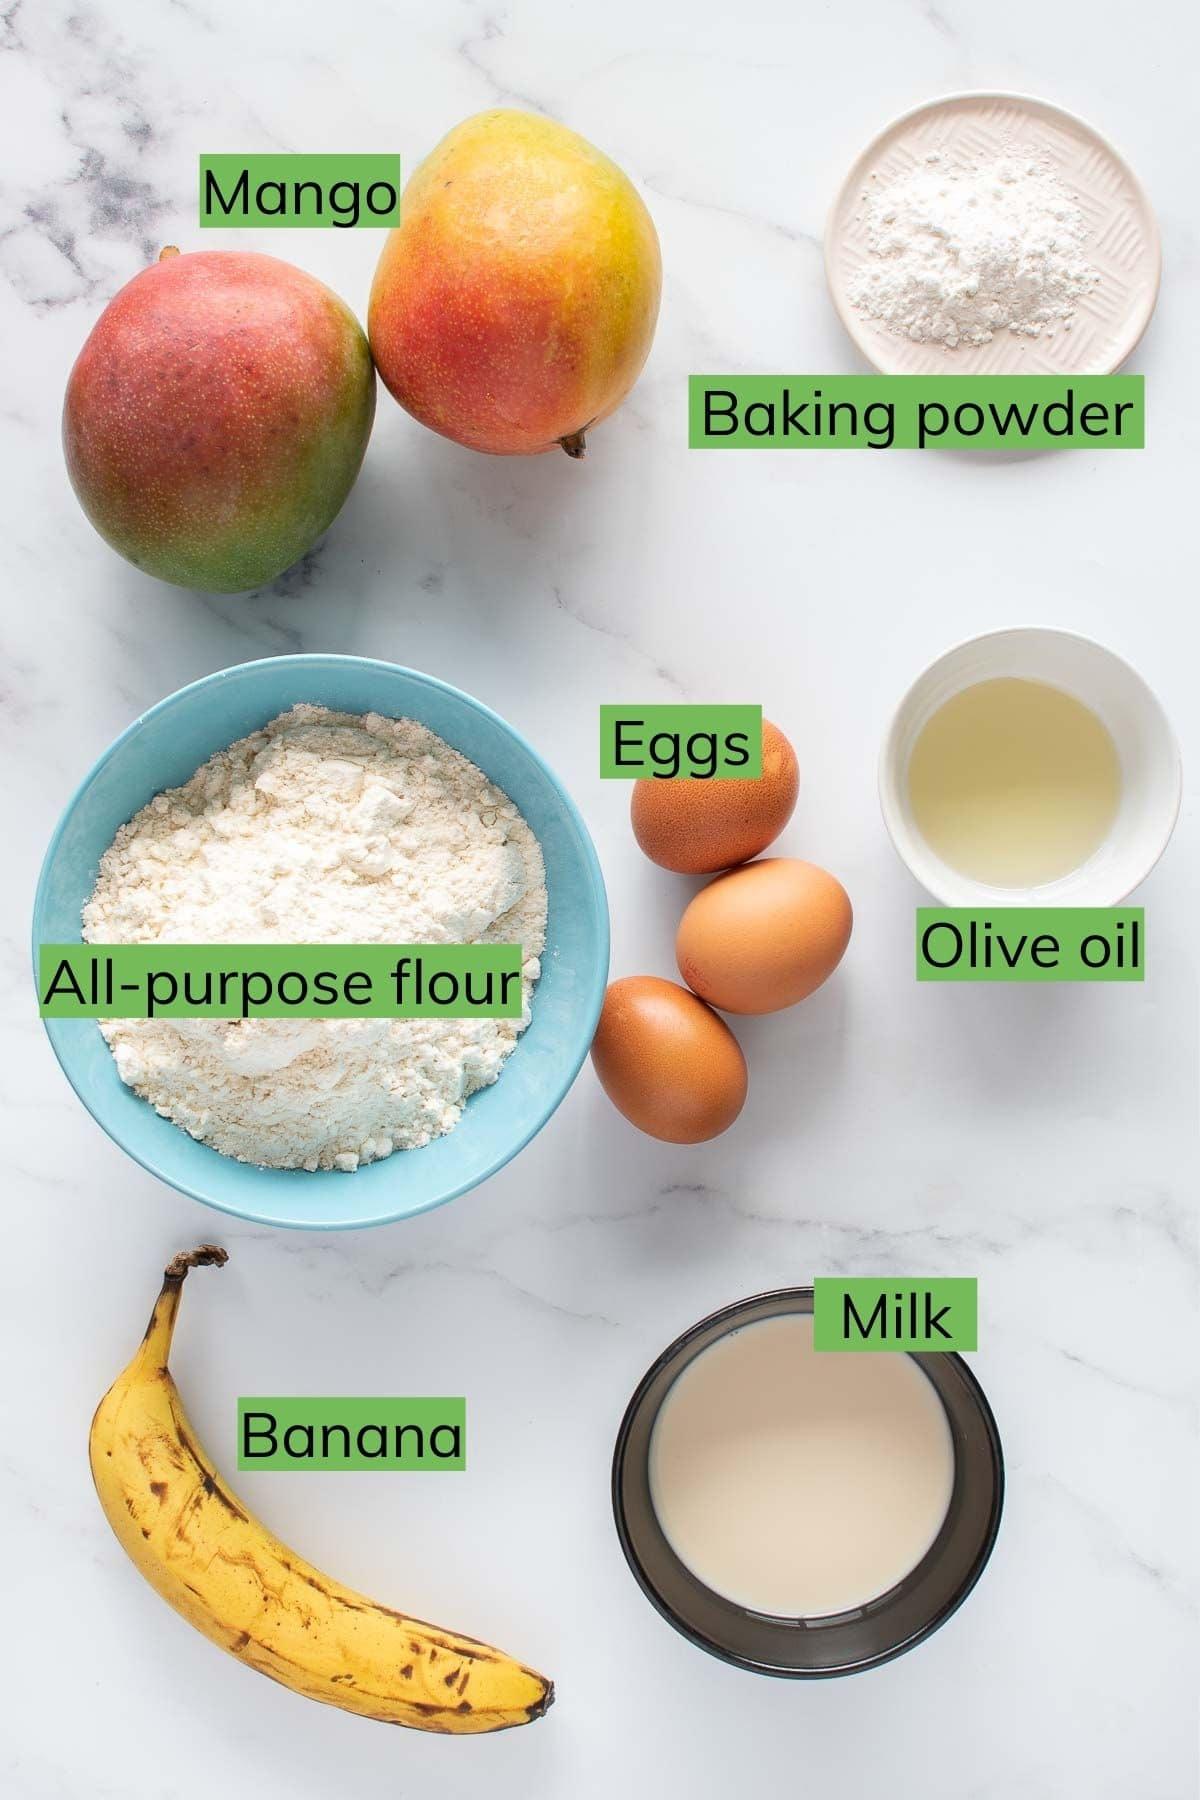 Ingredients to make mango pancakes.